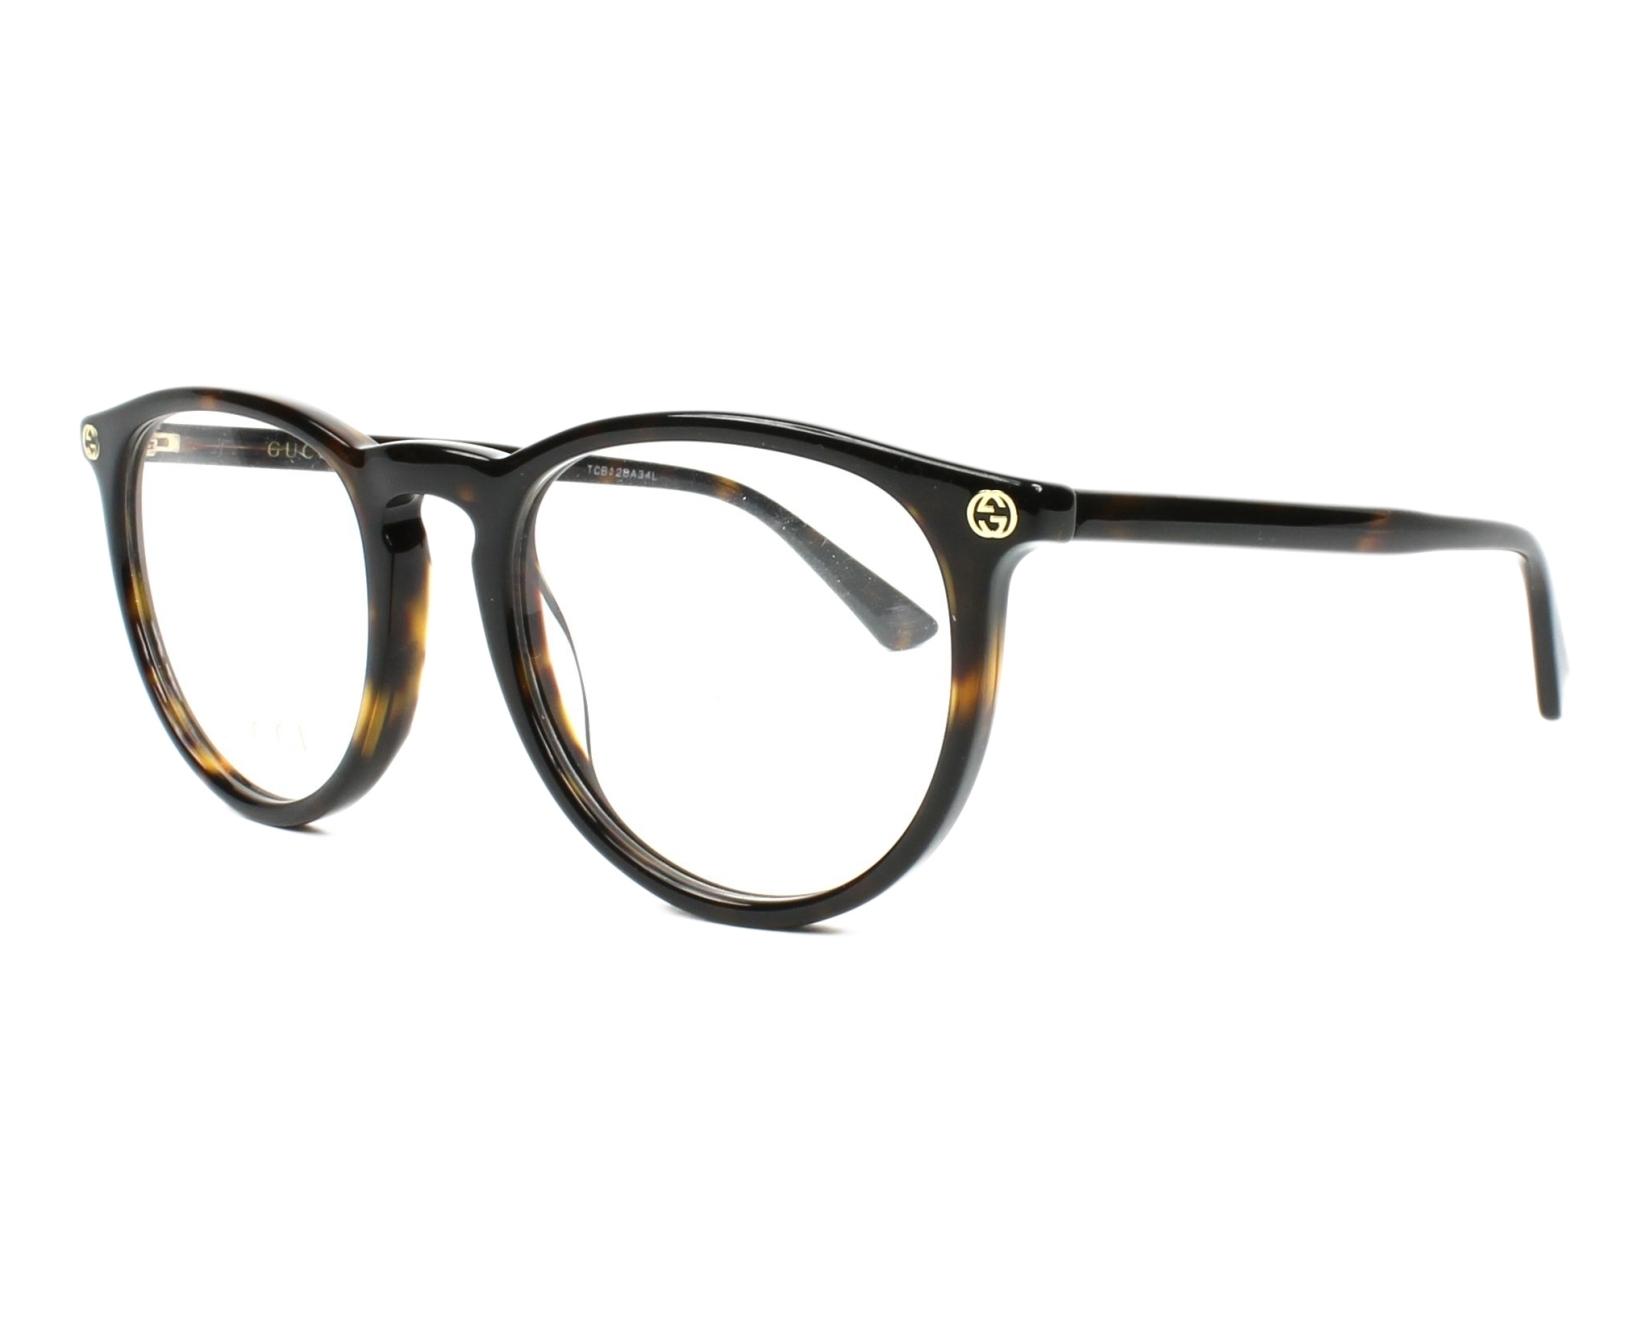 Kaufen Sie Ihre Gucci Brille GG-00270 002 Online - Visionet